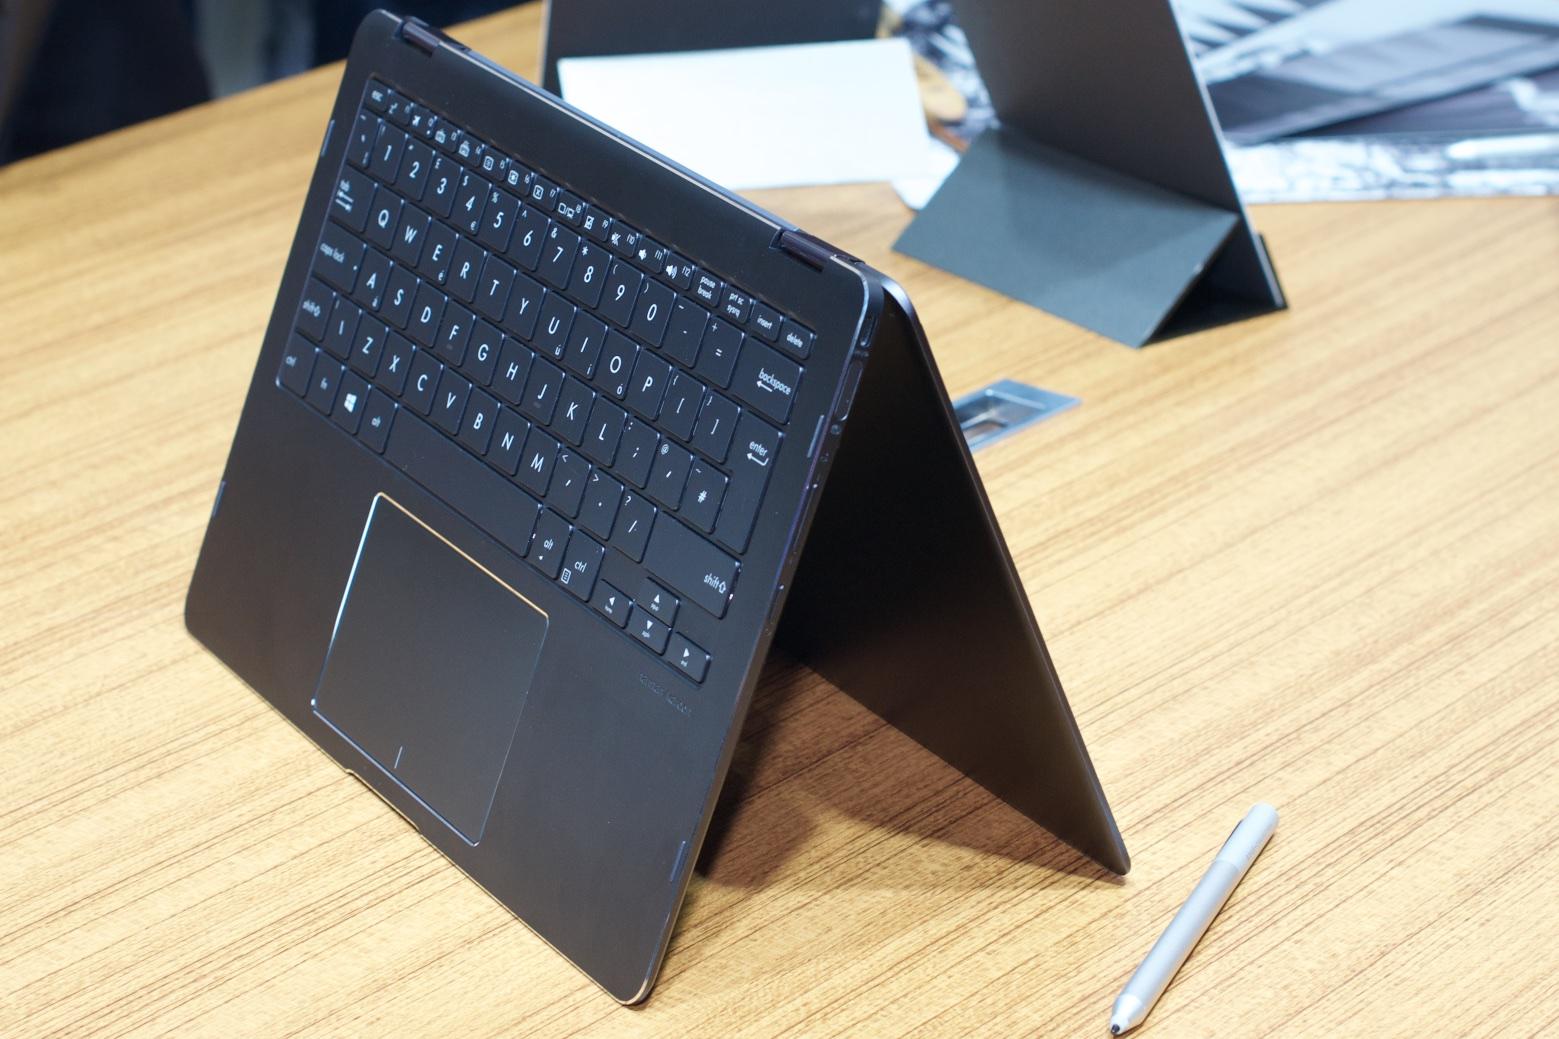 Asus: Das Zenbook Flip S ist 10,9 mm flach - Das Zenbook Flip S ... (Foto: Andreas Sebayang/Golem.de)